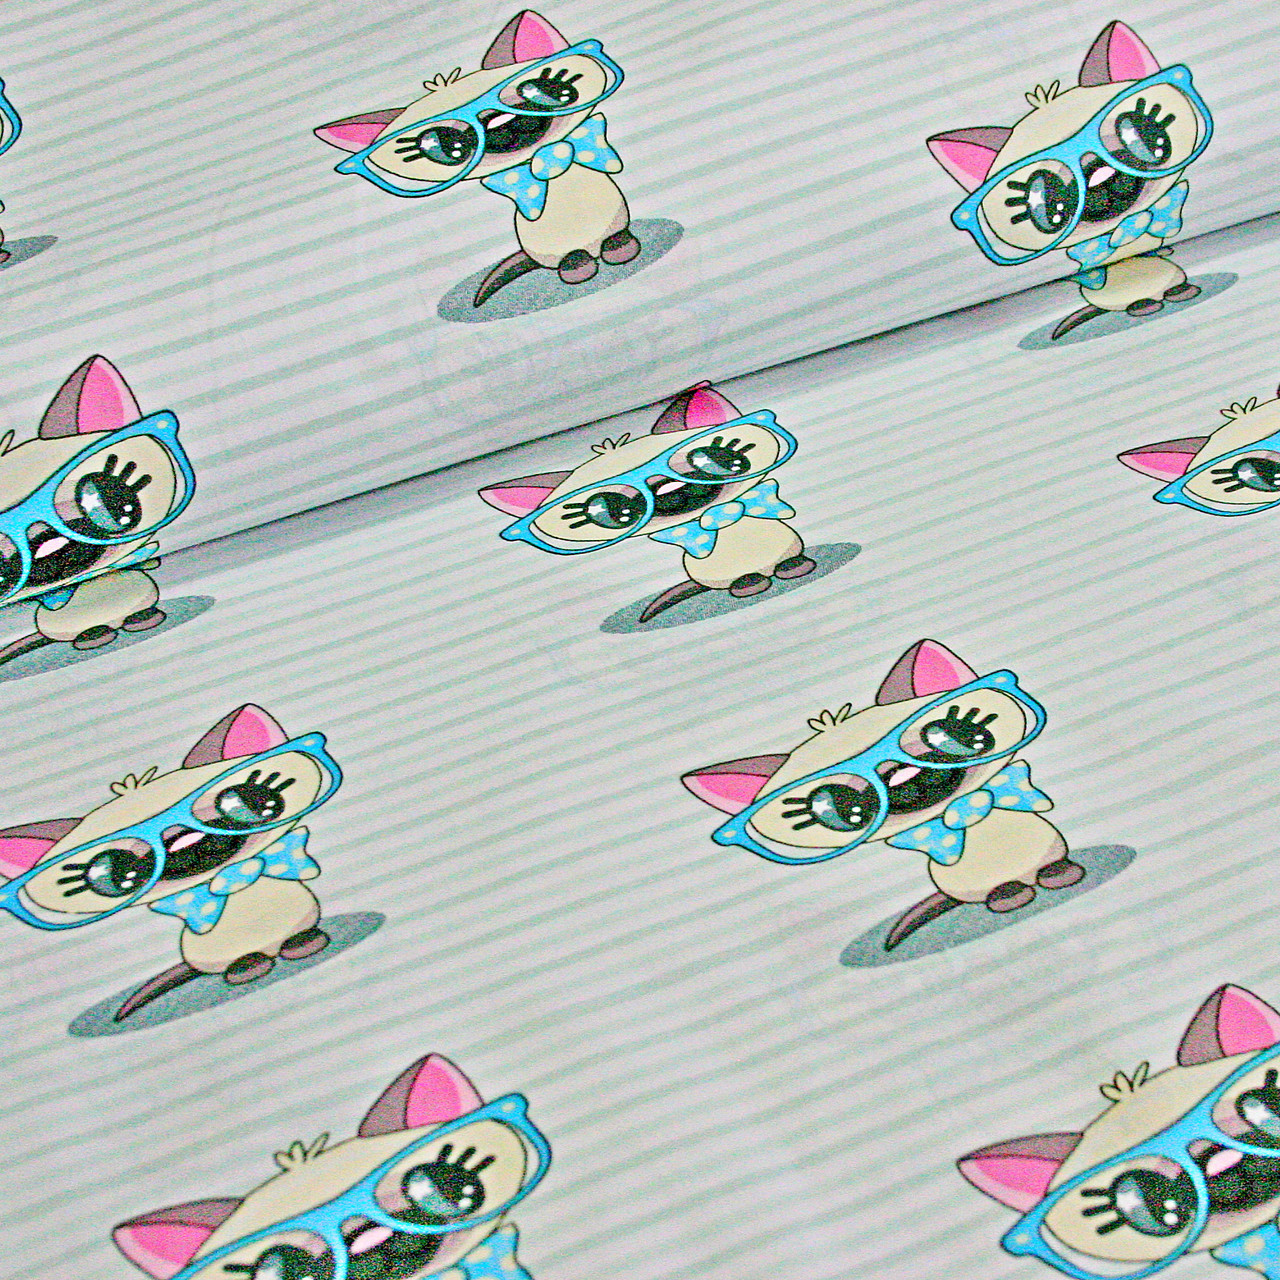 Ткань хлопковая, коты в бирюзовых очках на светло-мятной полоске